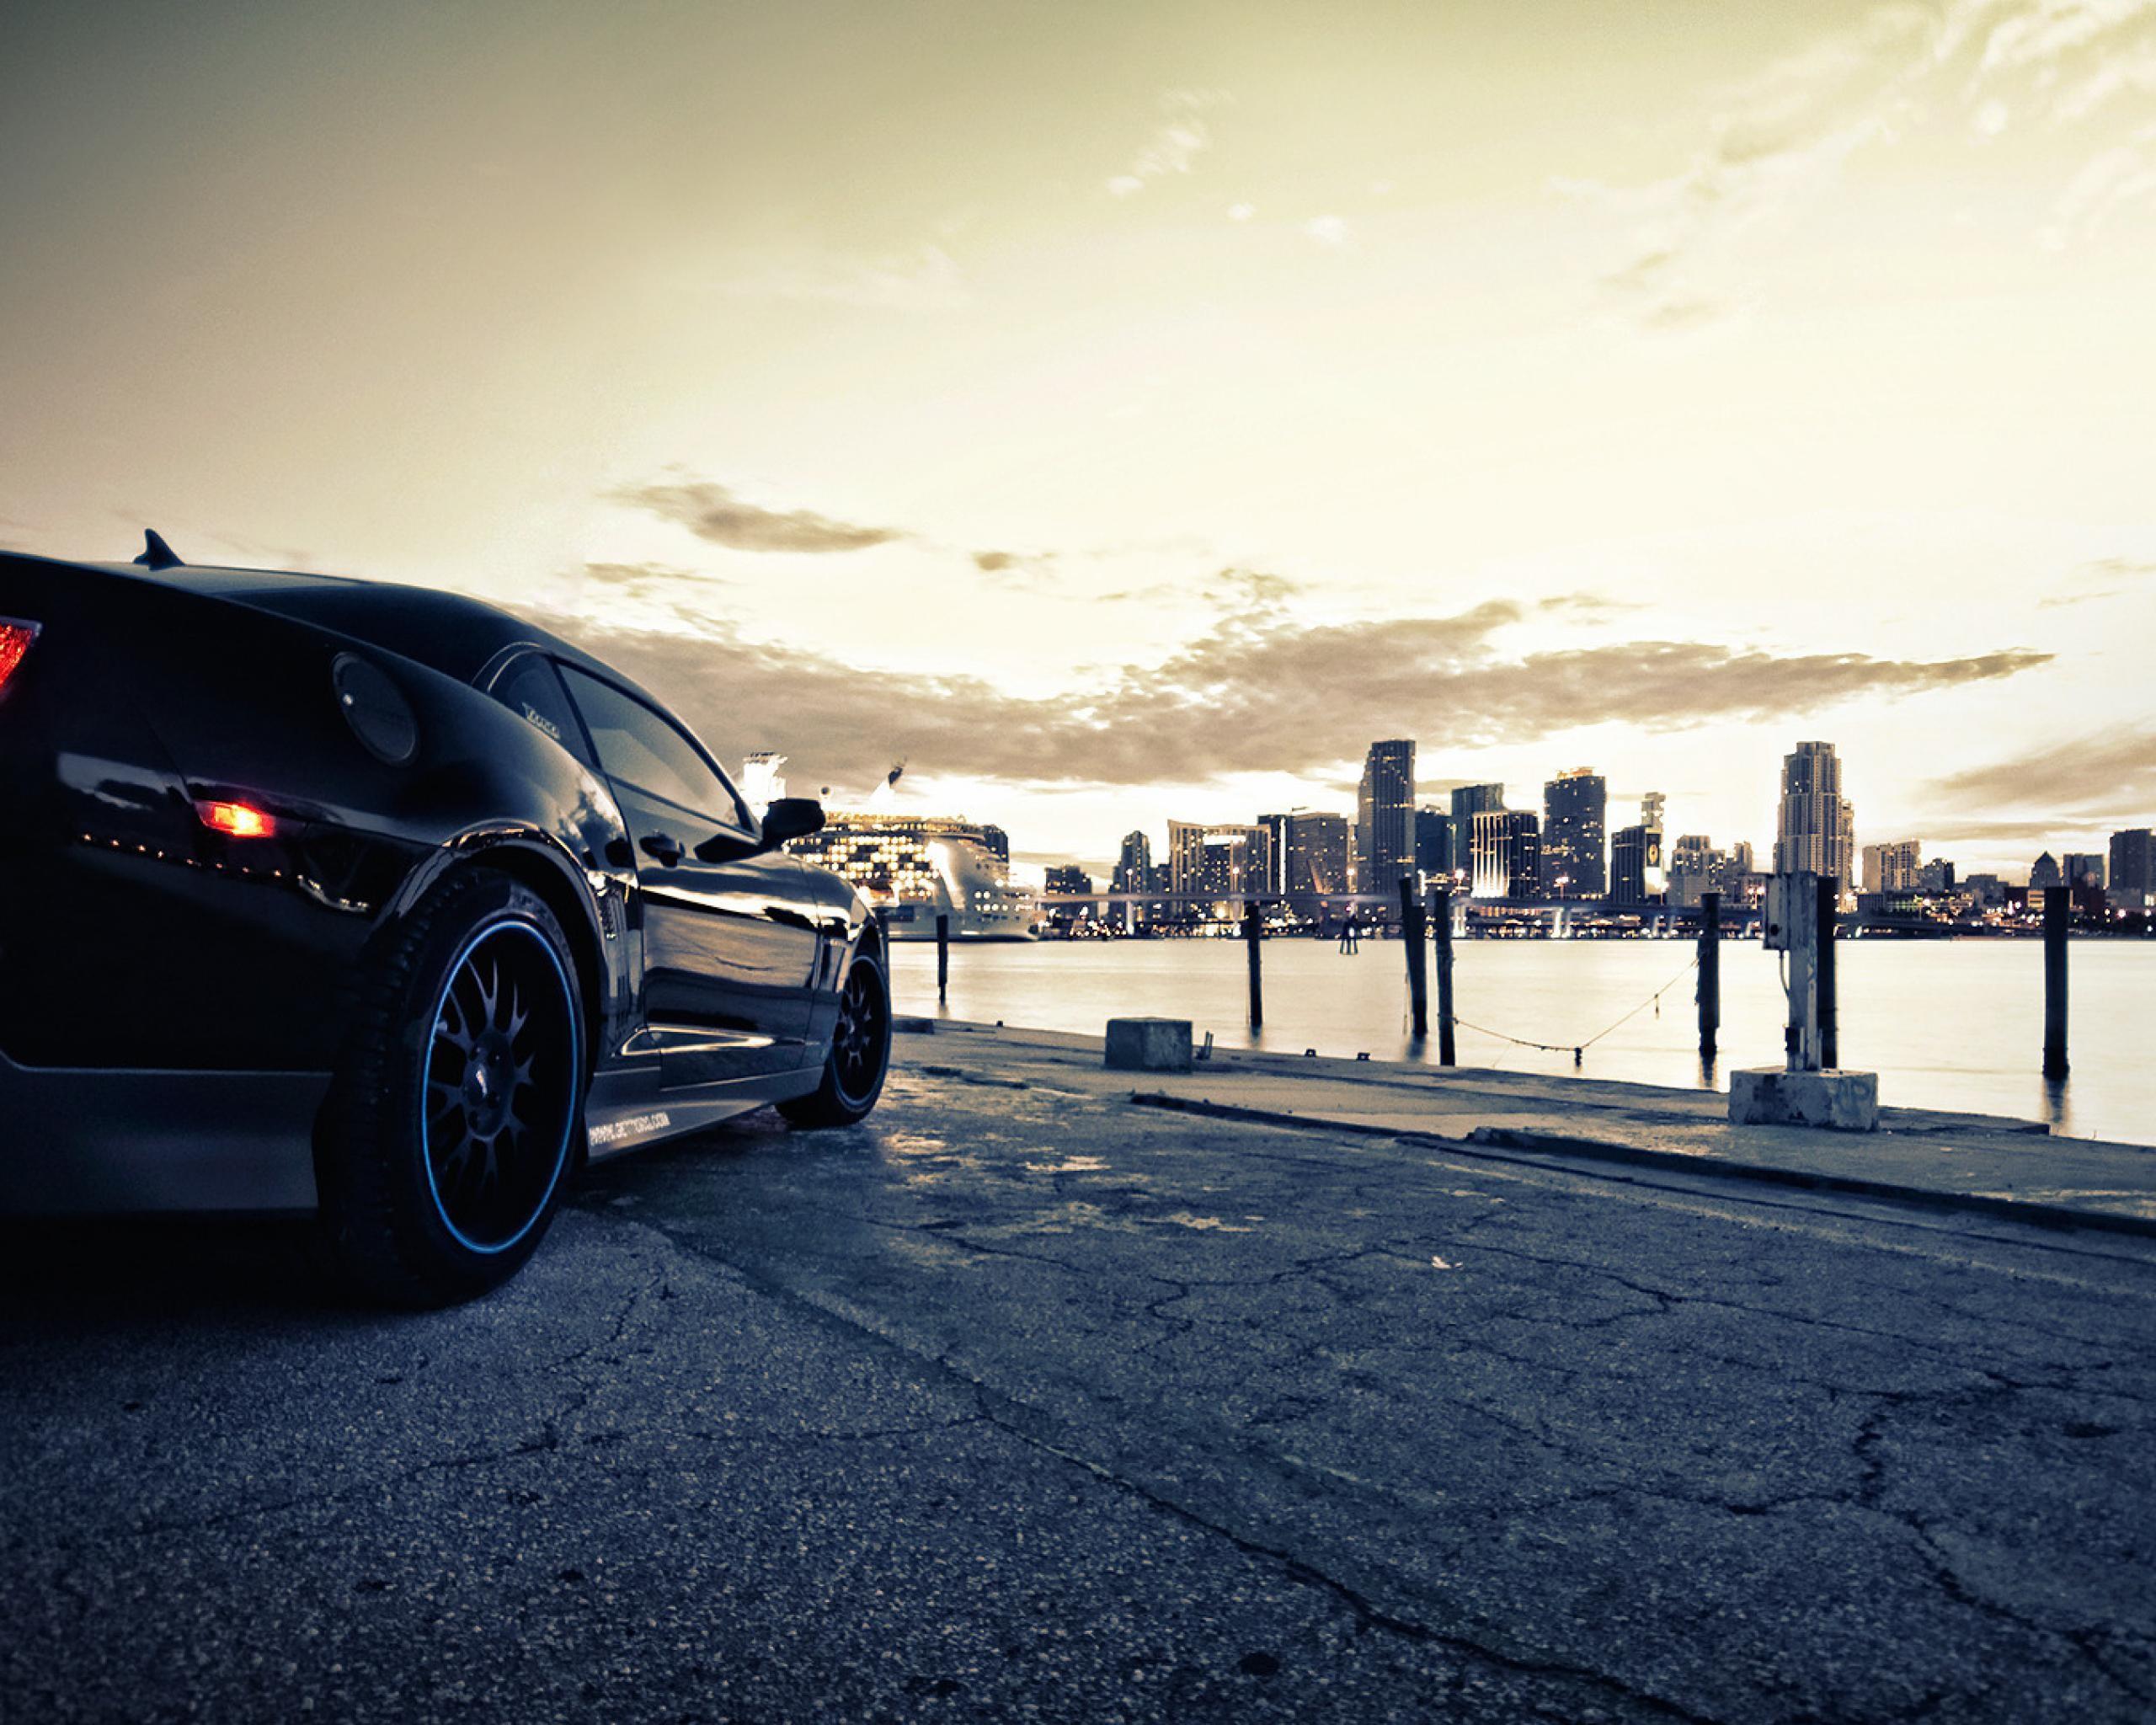 Фото автомобиля на фоне